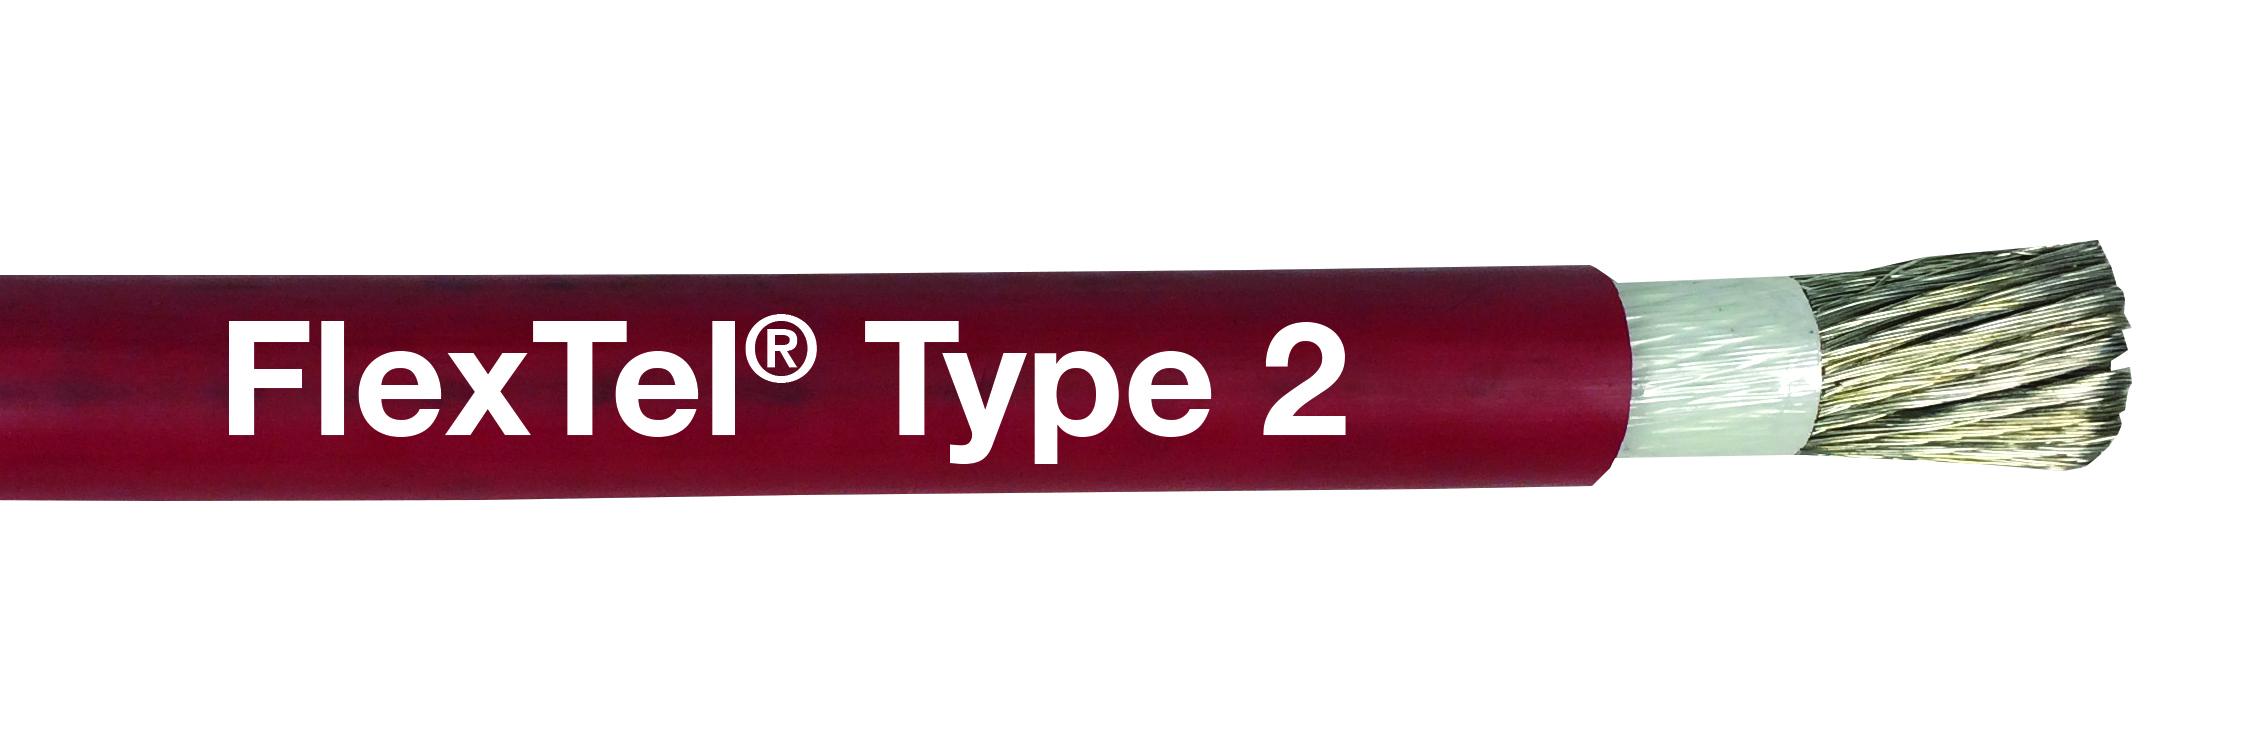 FlexTel Type 2